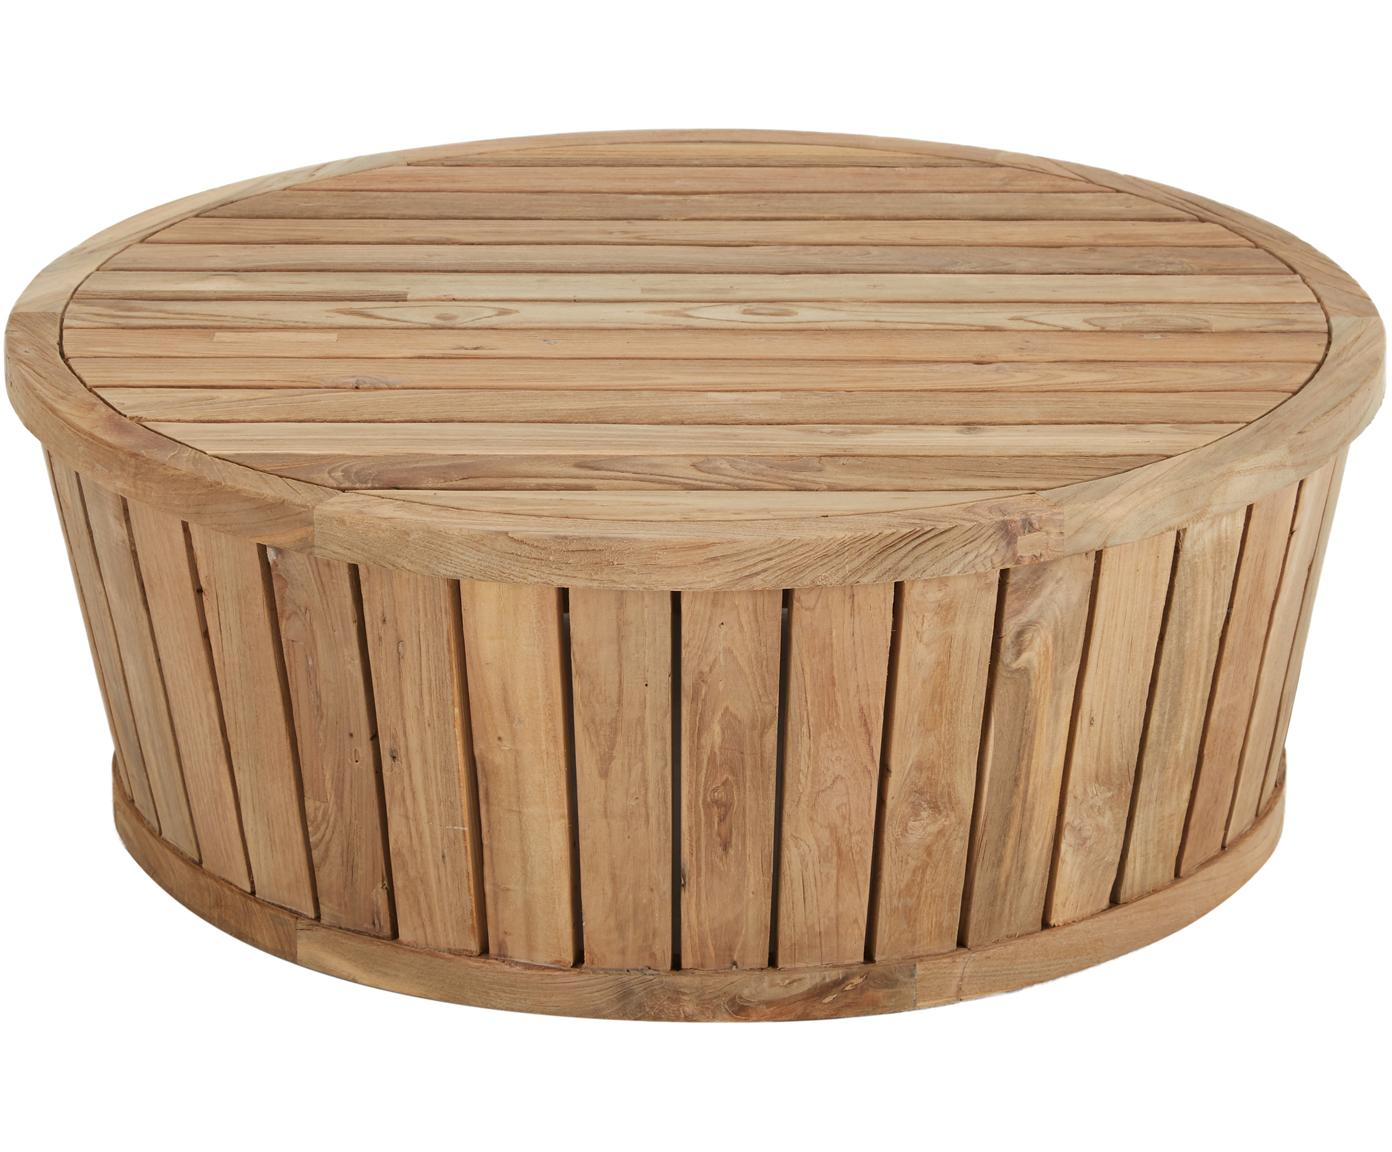 Stolik ogrodowy z drewna tekowego Circus, Drewno tekowe z recyklingu, Drewno tekowe, Ø 80 x W 30 cm